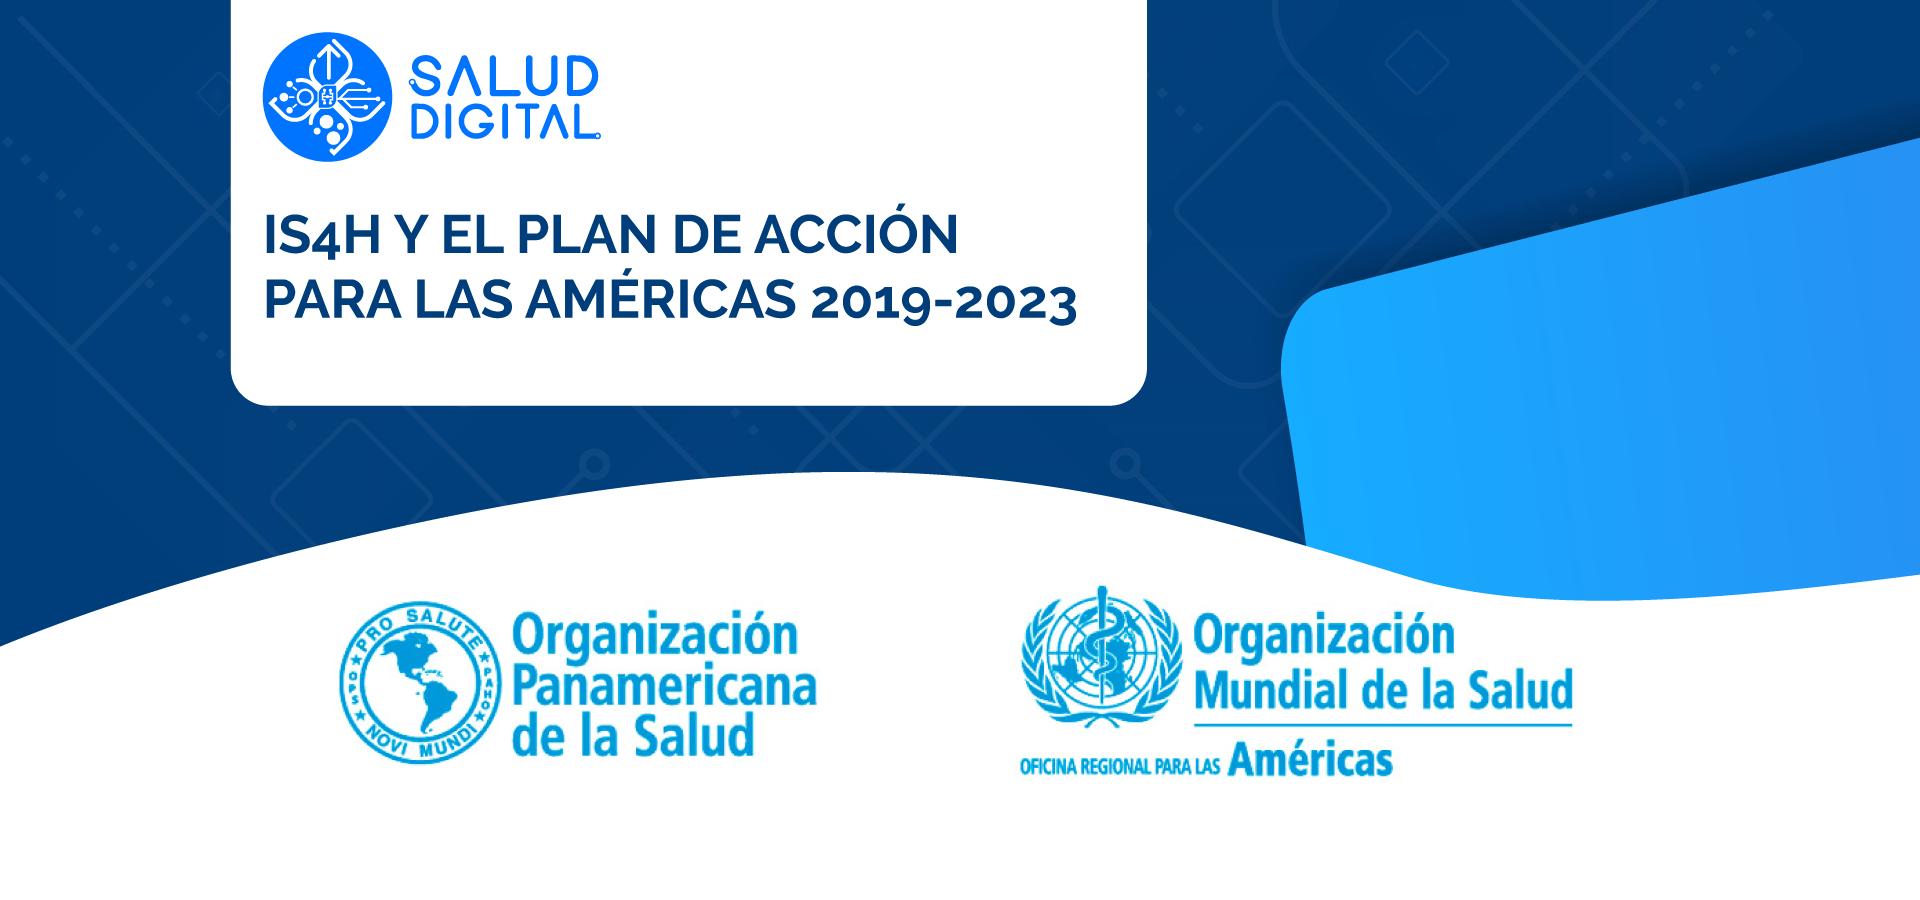 IS4H-y-el-Plan-de-Acción-para-las-Américas-2019-2023-1920X900